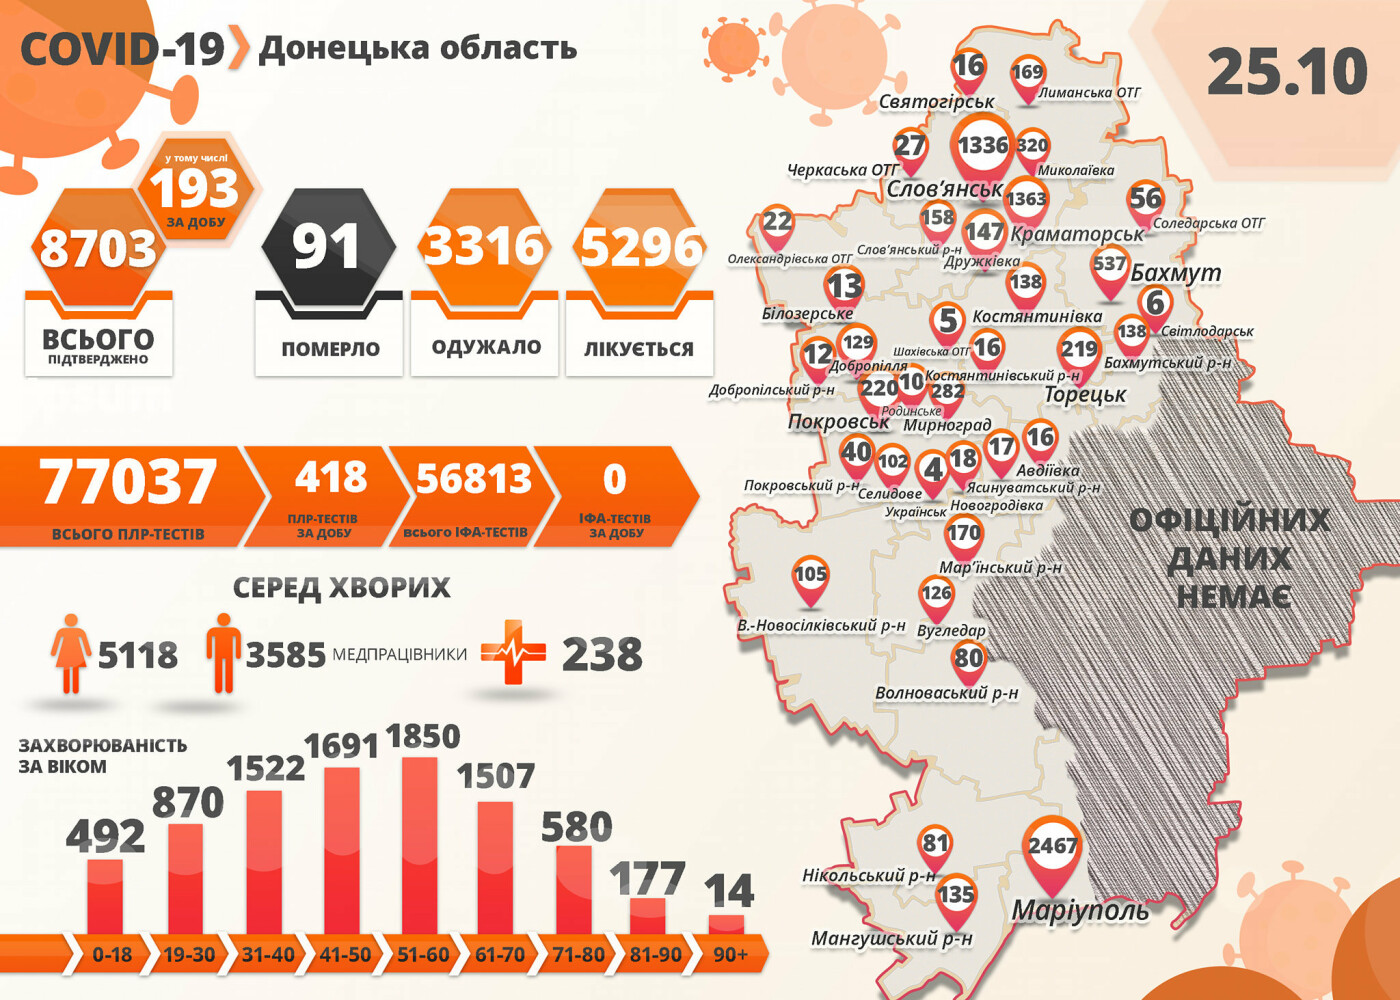 В Донецкой области коронавирус унес жизни еще двух человек, 193 новых случая , фото-1